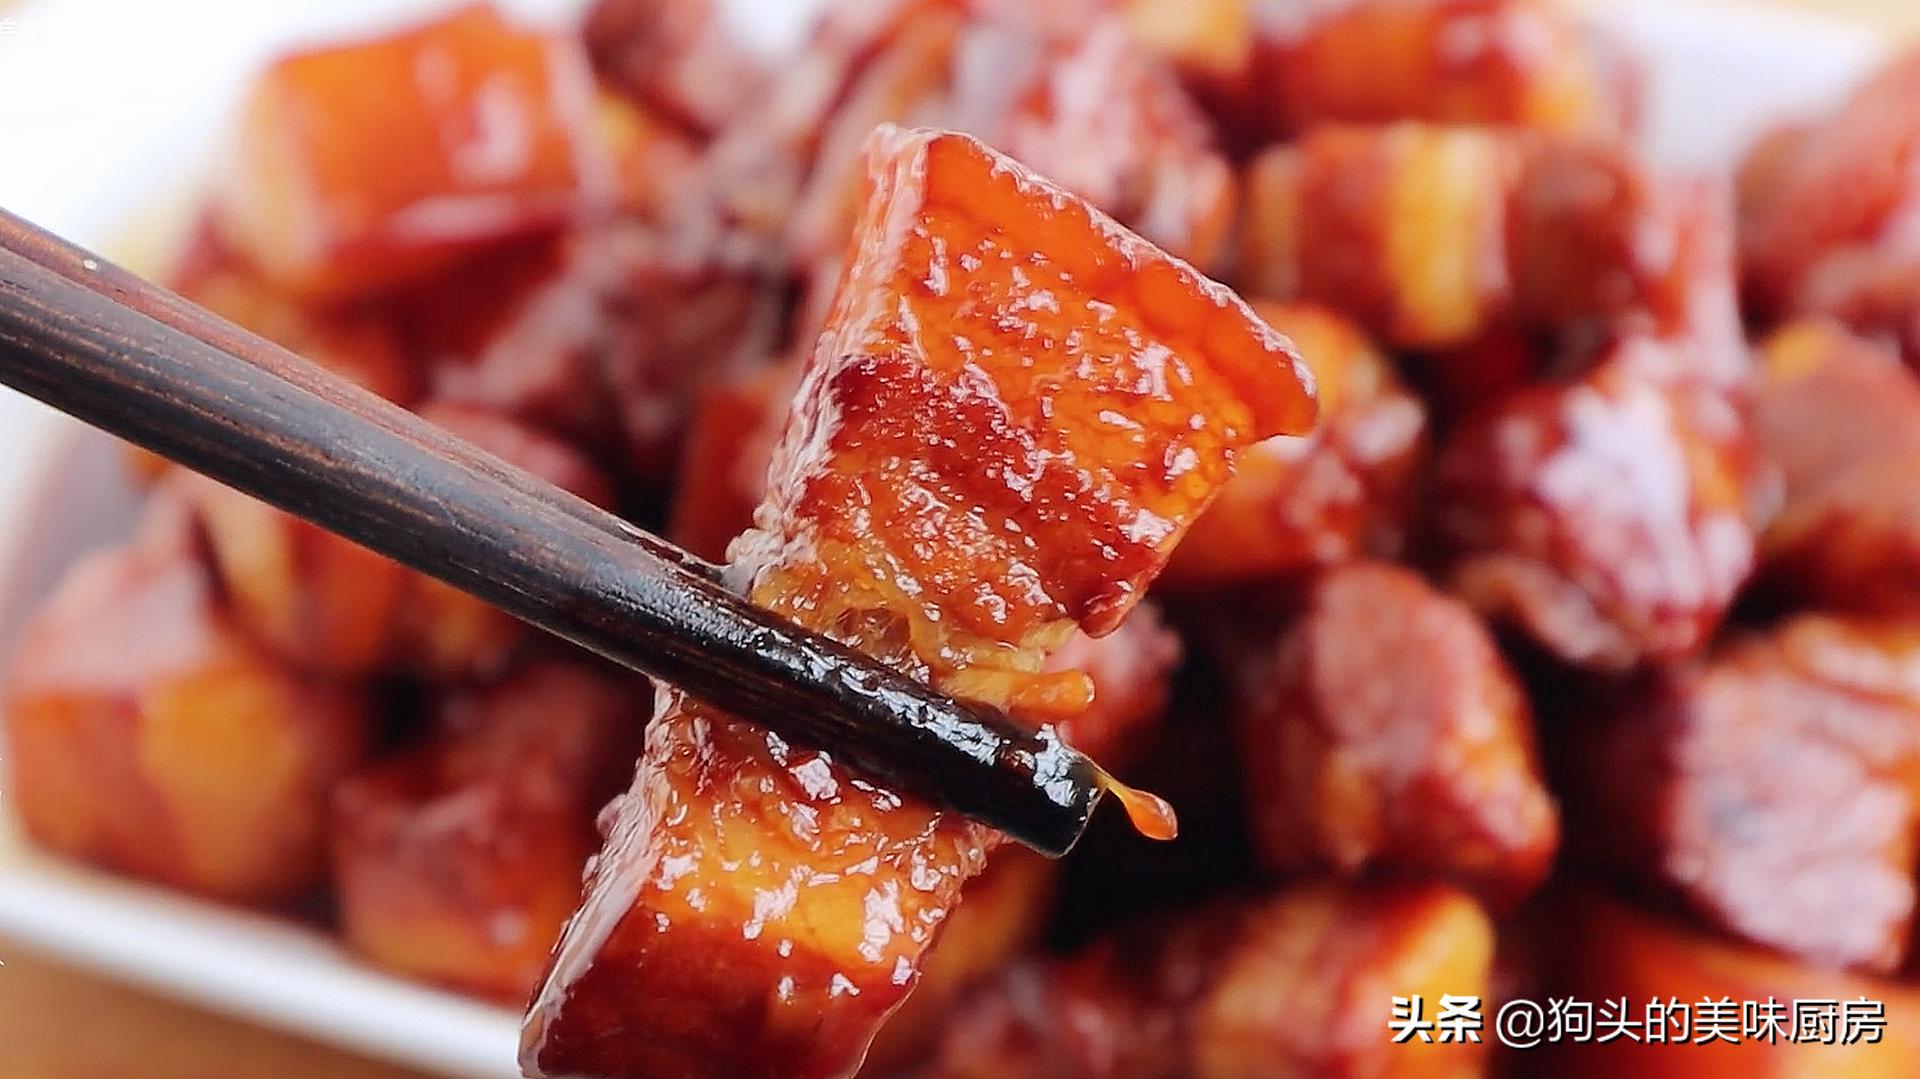 做红烧肉时,掌握这些小技巧,红烧肉不腥不柴,软烂入味口感好 美食做法 第3张